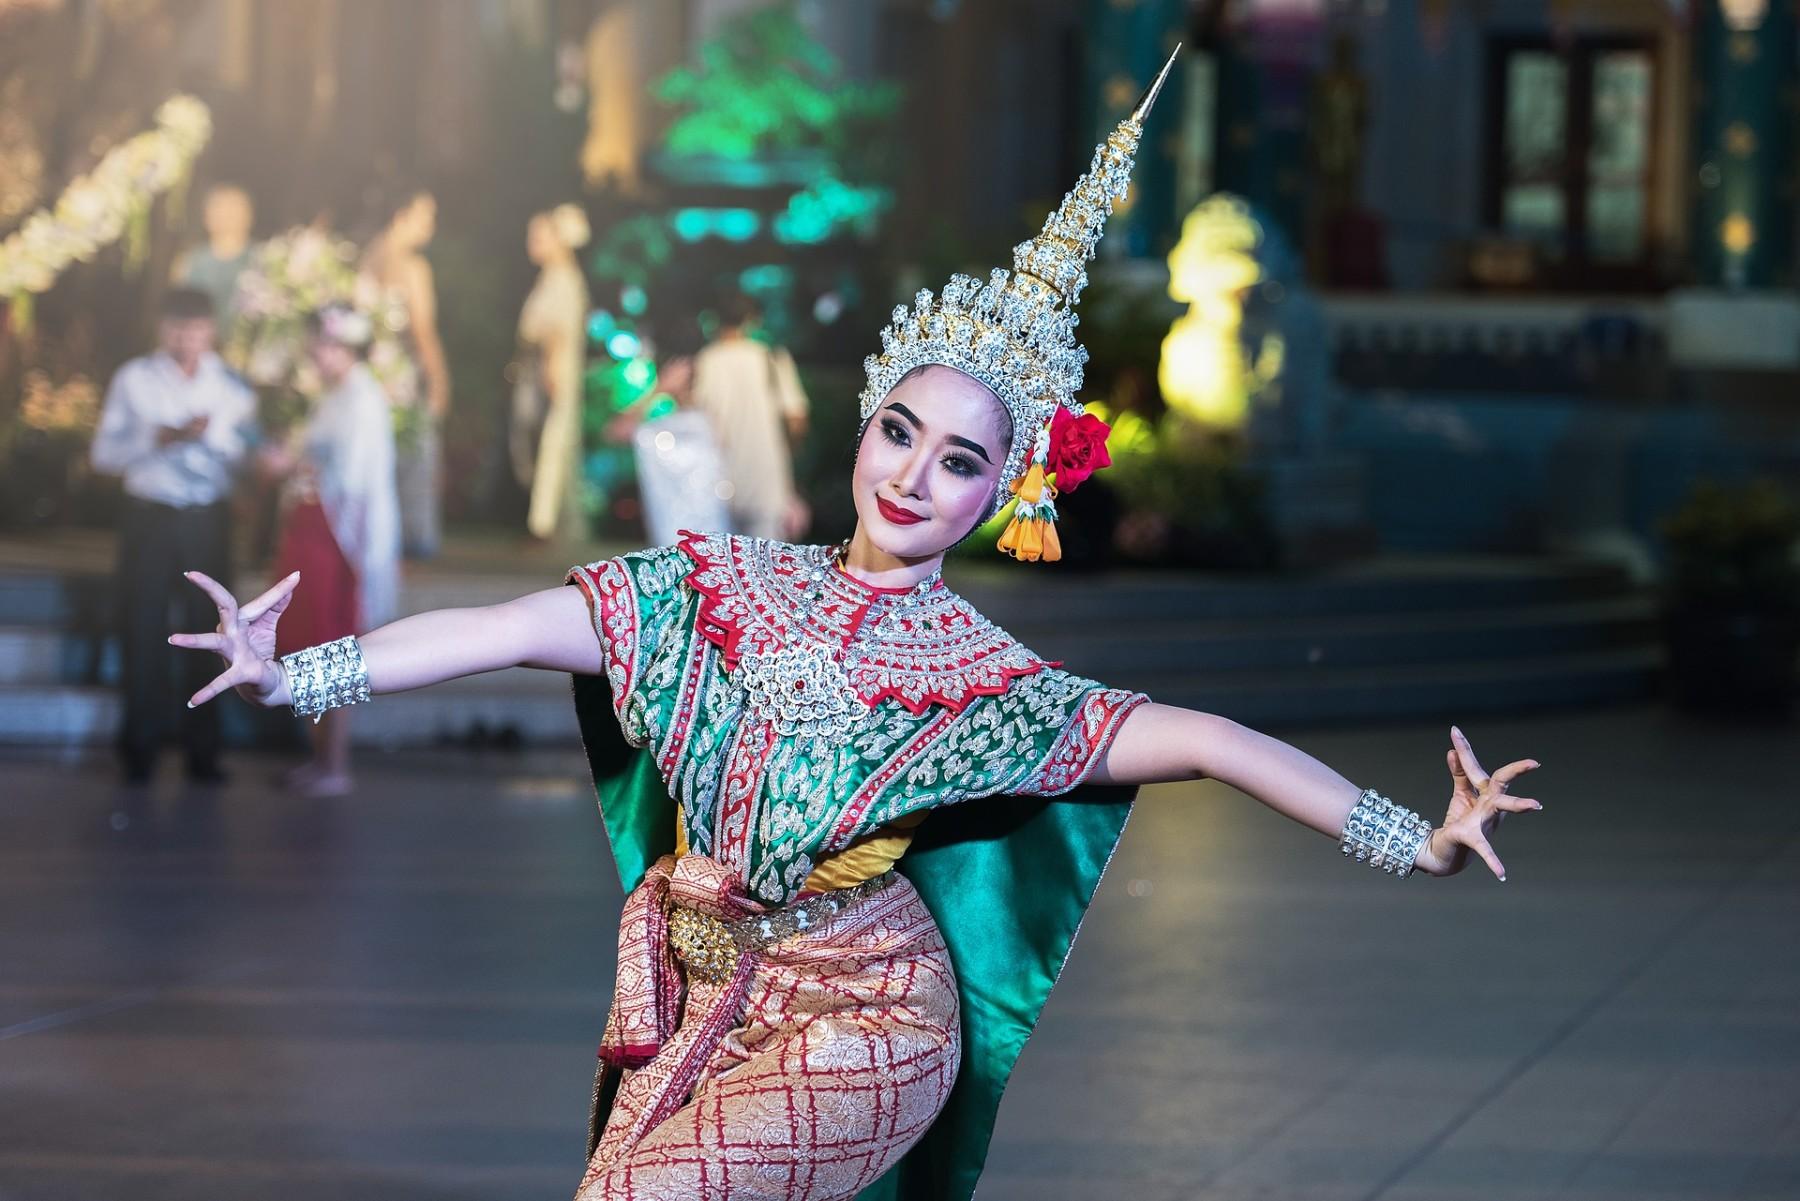 dancer-1807516 1920